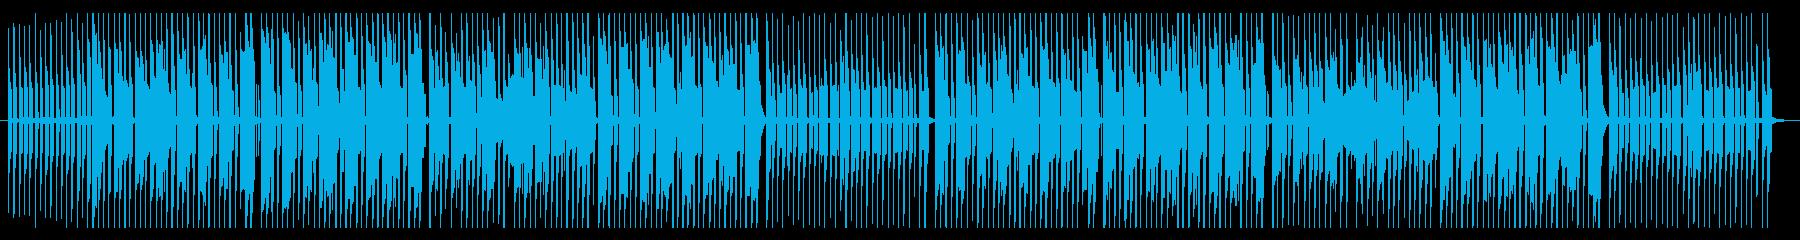 ピコピコ楽しいパレード風ファミコンBGMの再生済みの波形